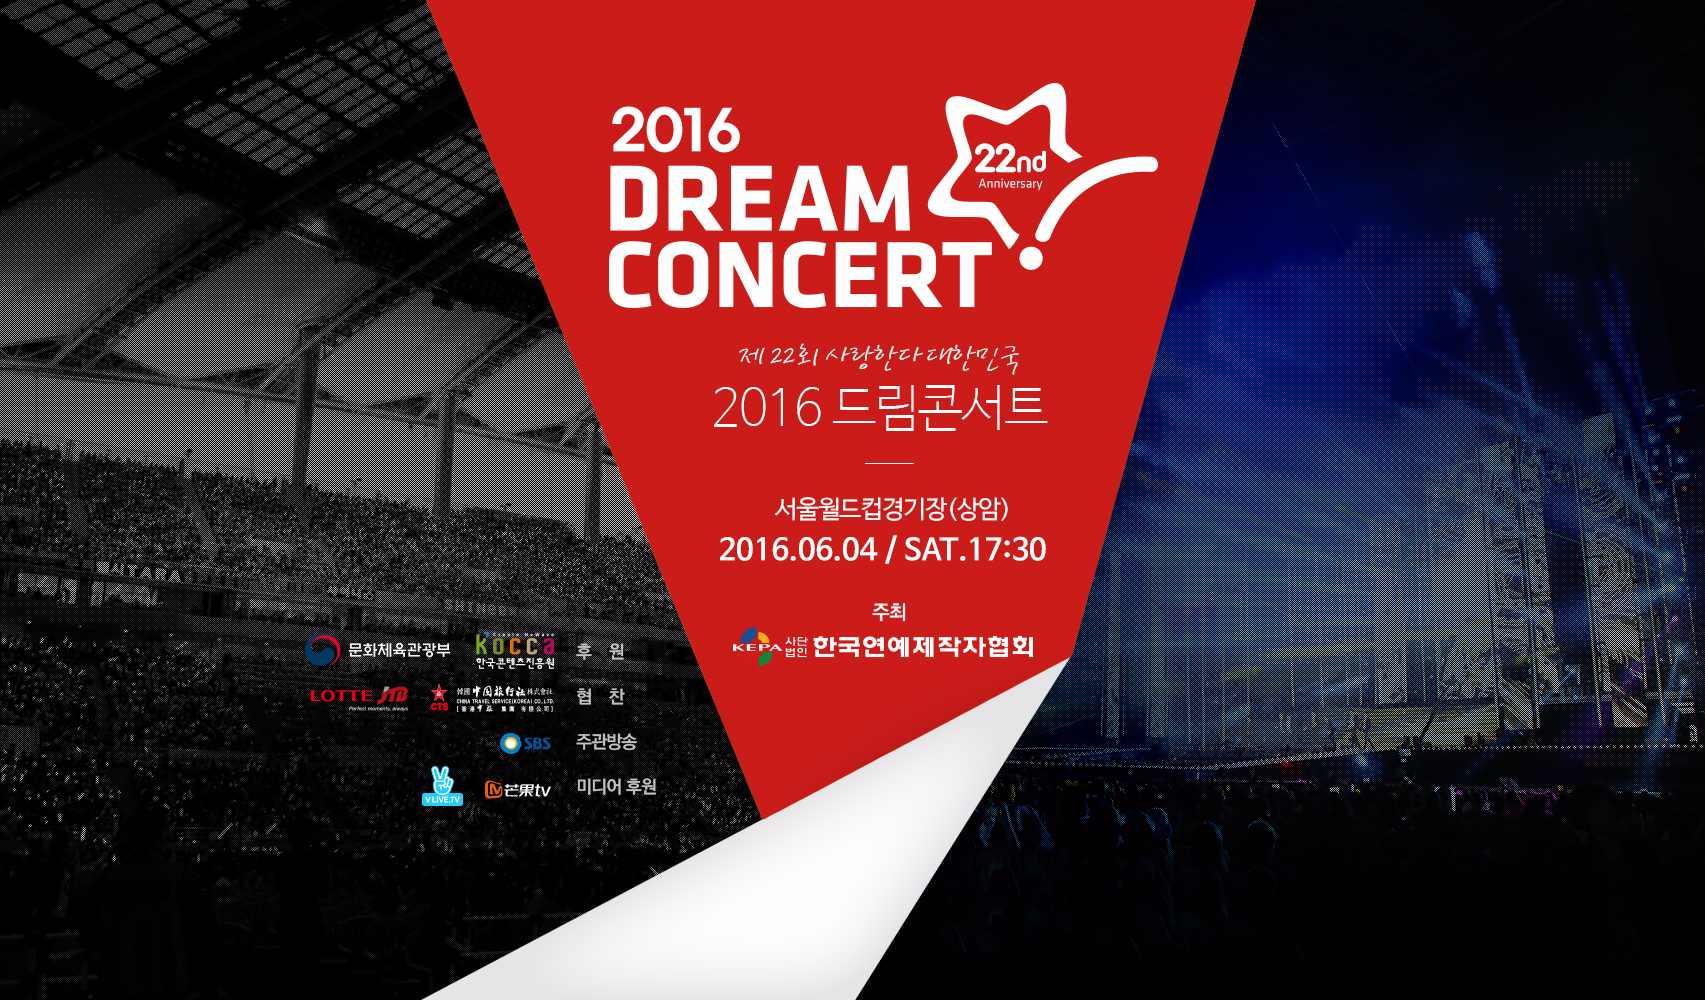 喜歡韓樂的粉絲想必不少人都知道6月4日是一年一度的夢幻演唱會「Dream concert」,會說他夢幻不是只是因為演唱會的名字有個「夢」,而是因為他可是韓國除了頒獎典禮外少數能請到這麼多組偶像的大型「拼盤演唱會」